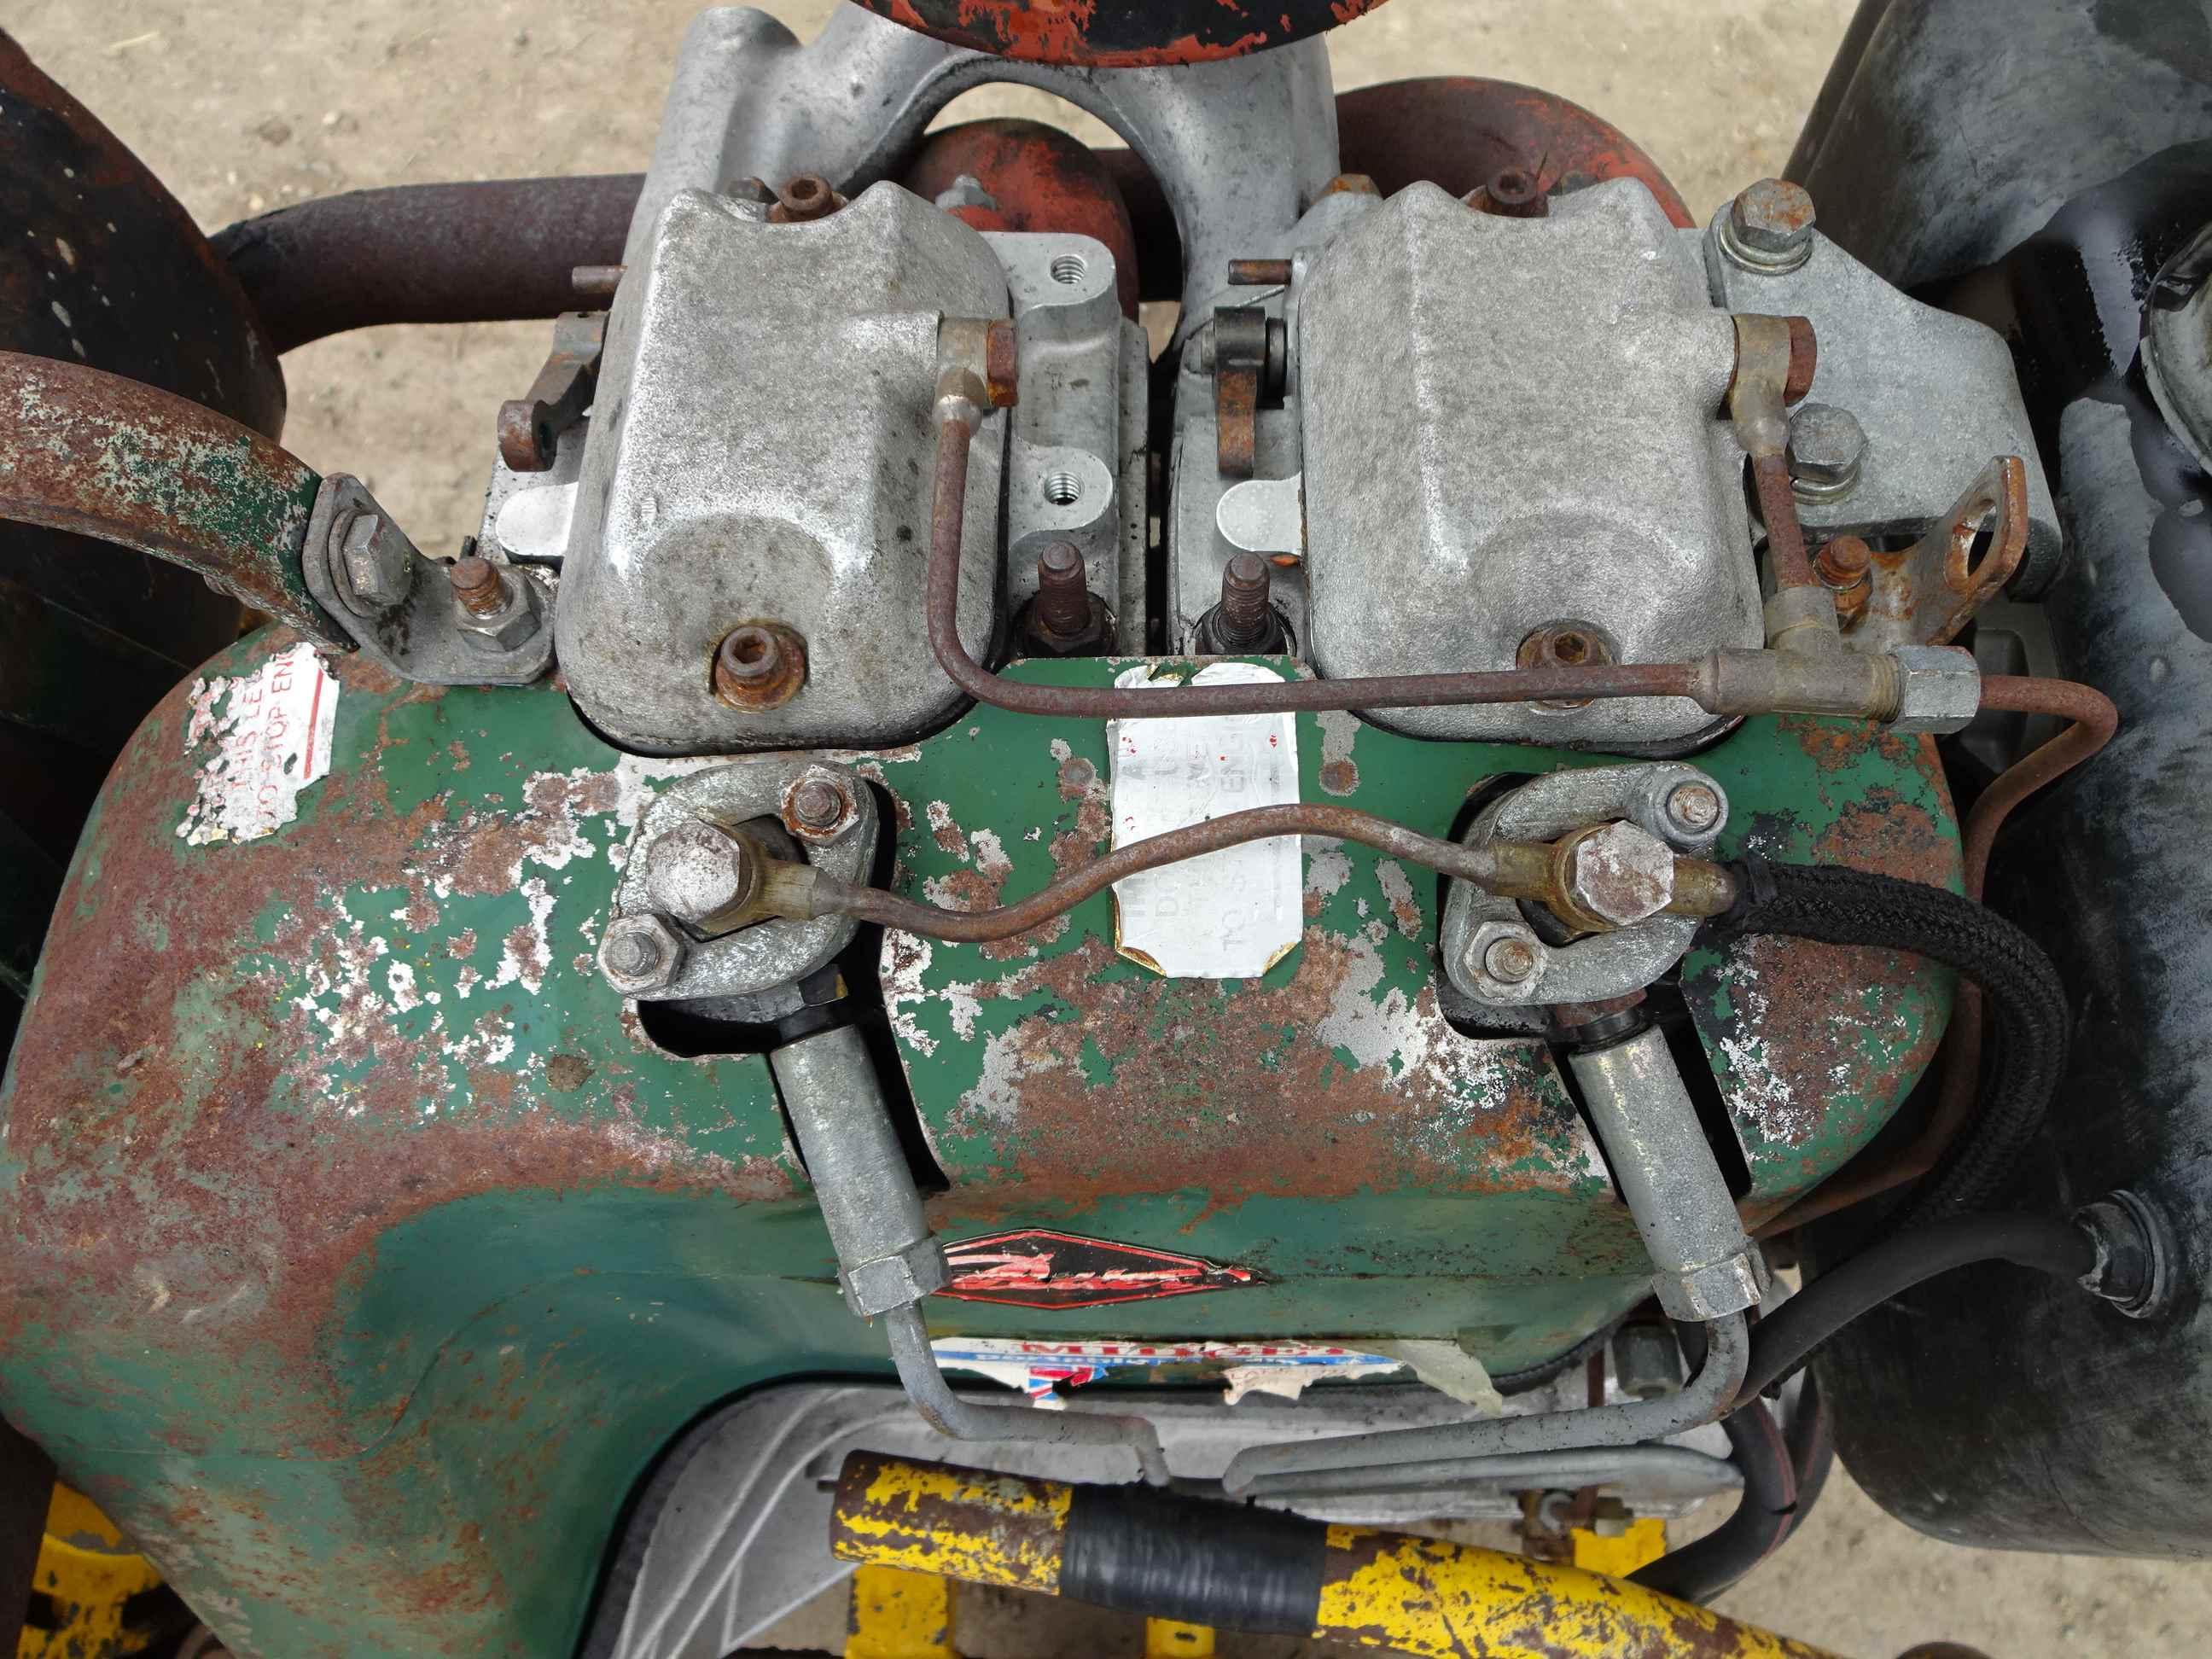 mighty midget welder generator set arc welder and 110v outlets